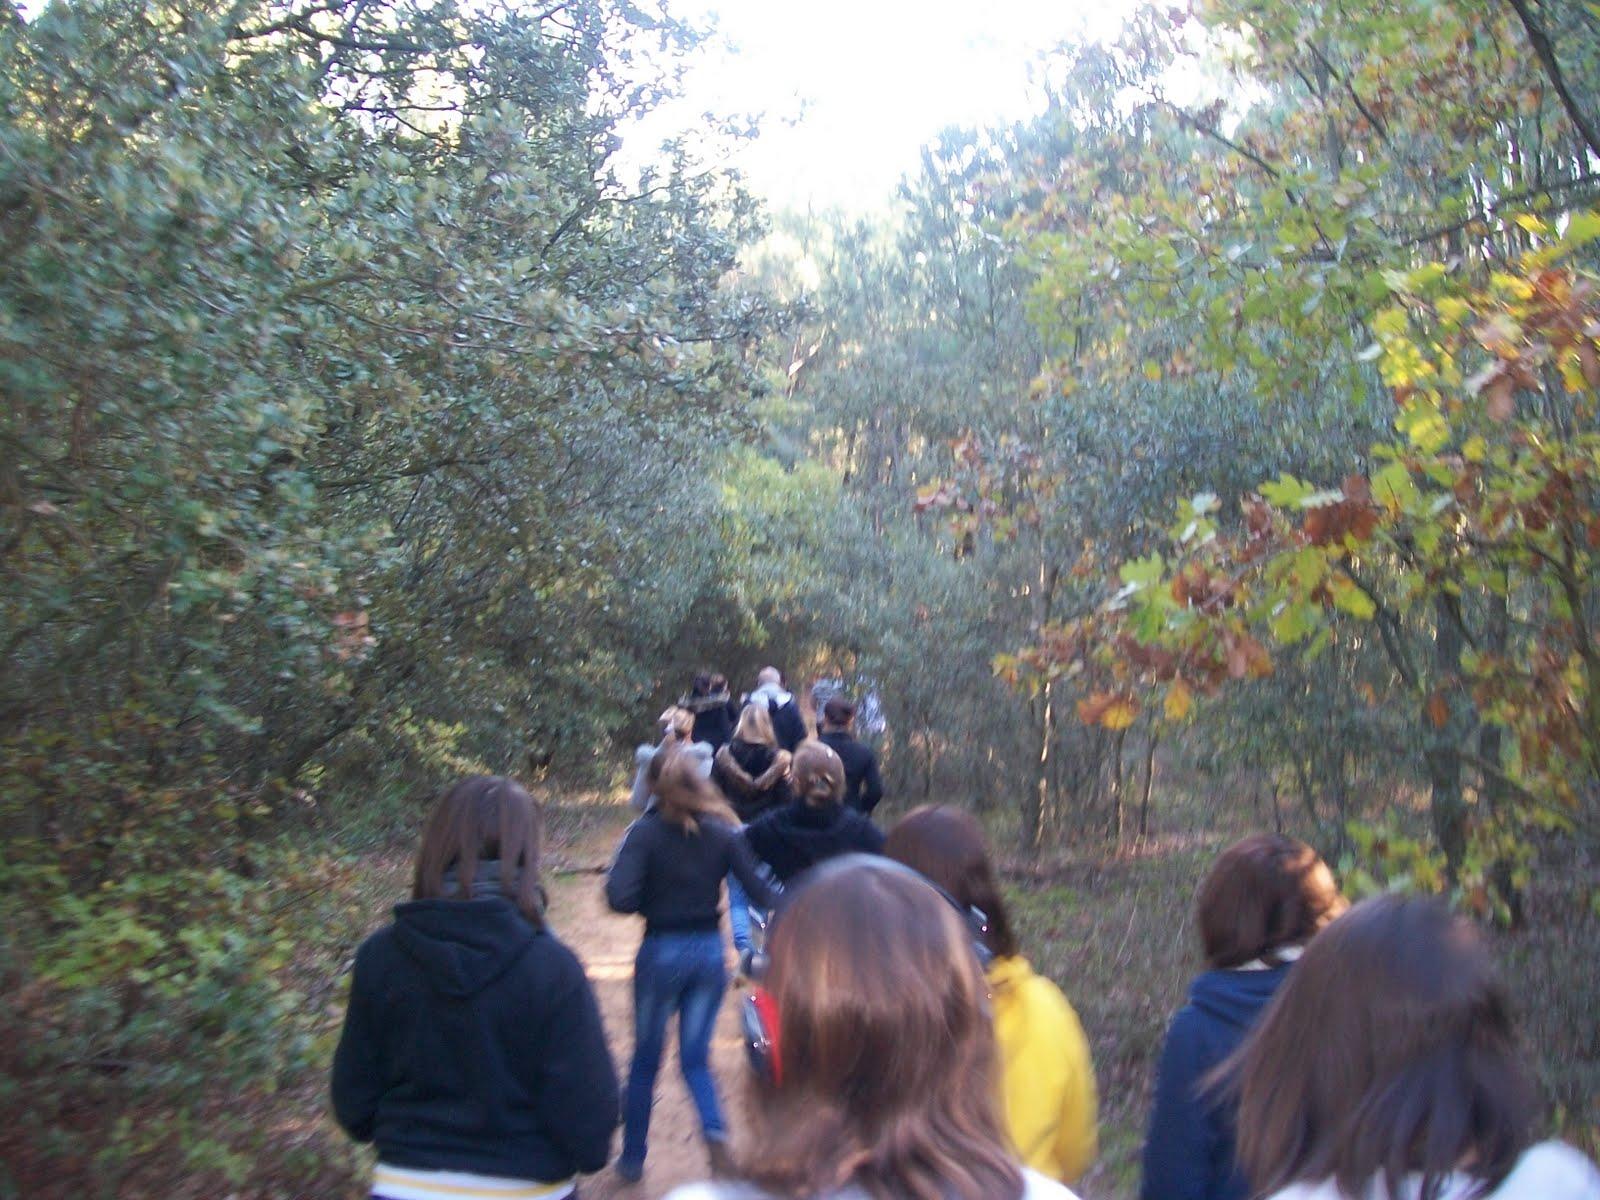 Ecole cheval paysage promenons nous dans les bois for Betes dans le bois